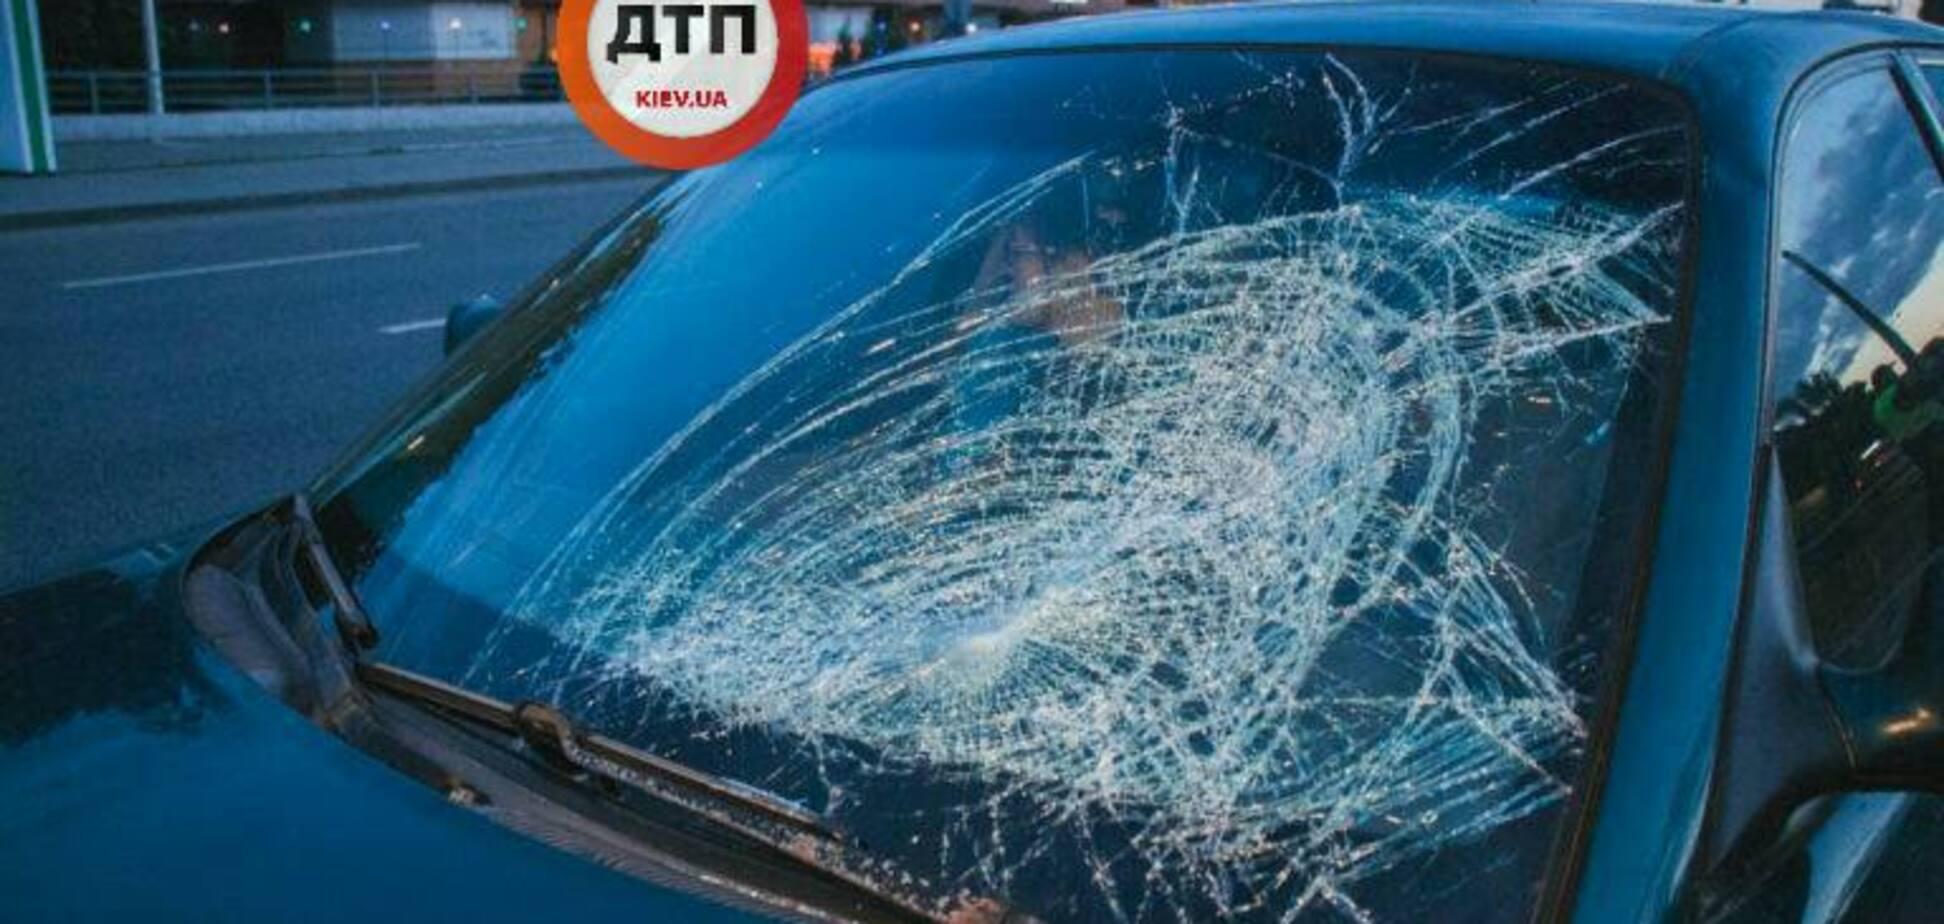 'Схоже на бойовик': у Києві дівчина влаштувала втечу і потрапила під автомобіль